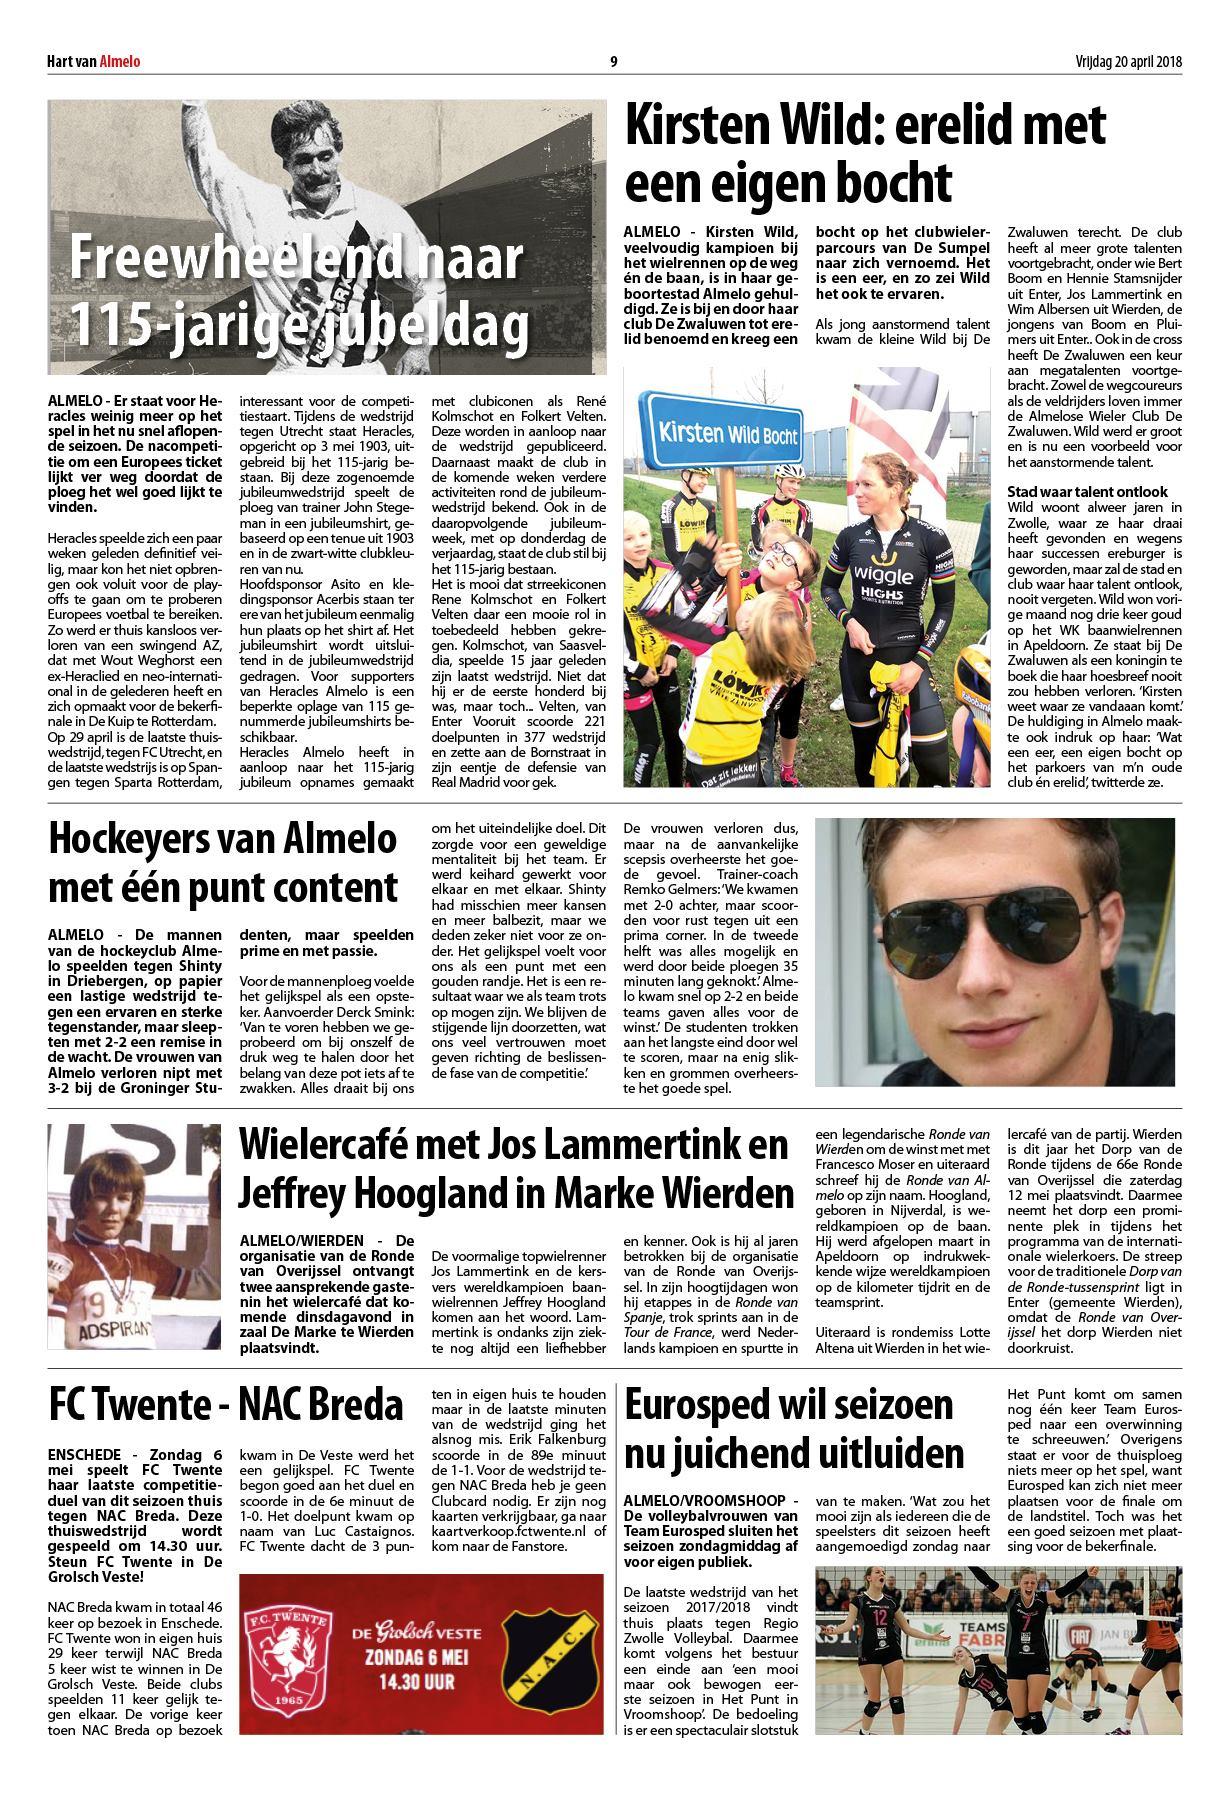 Gerard Joling Zitzak.Hart Van Almelo Wierden 20 April 2018